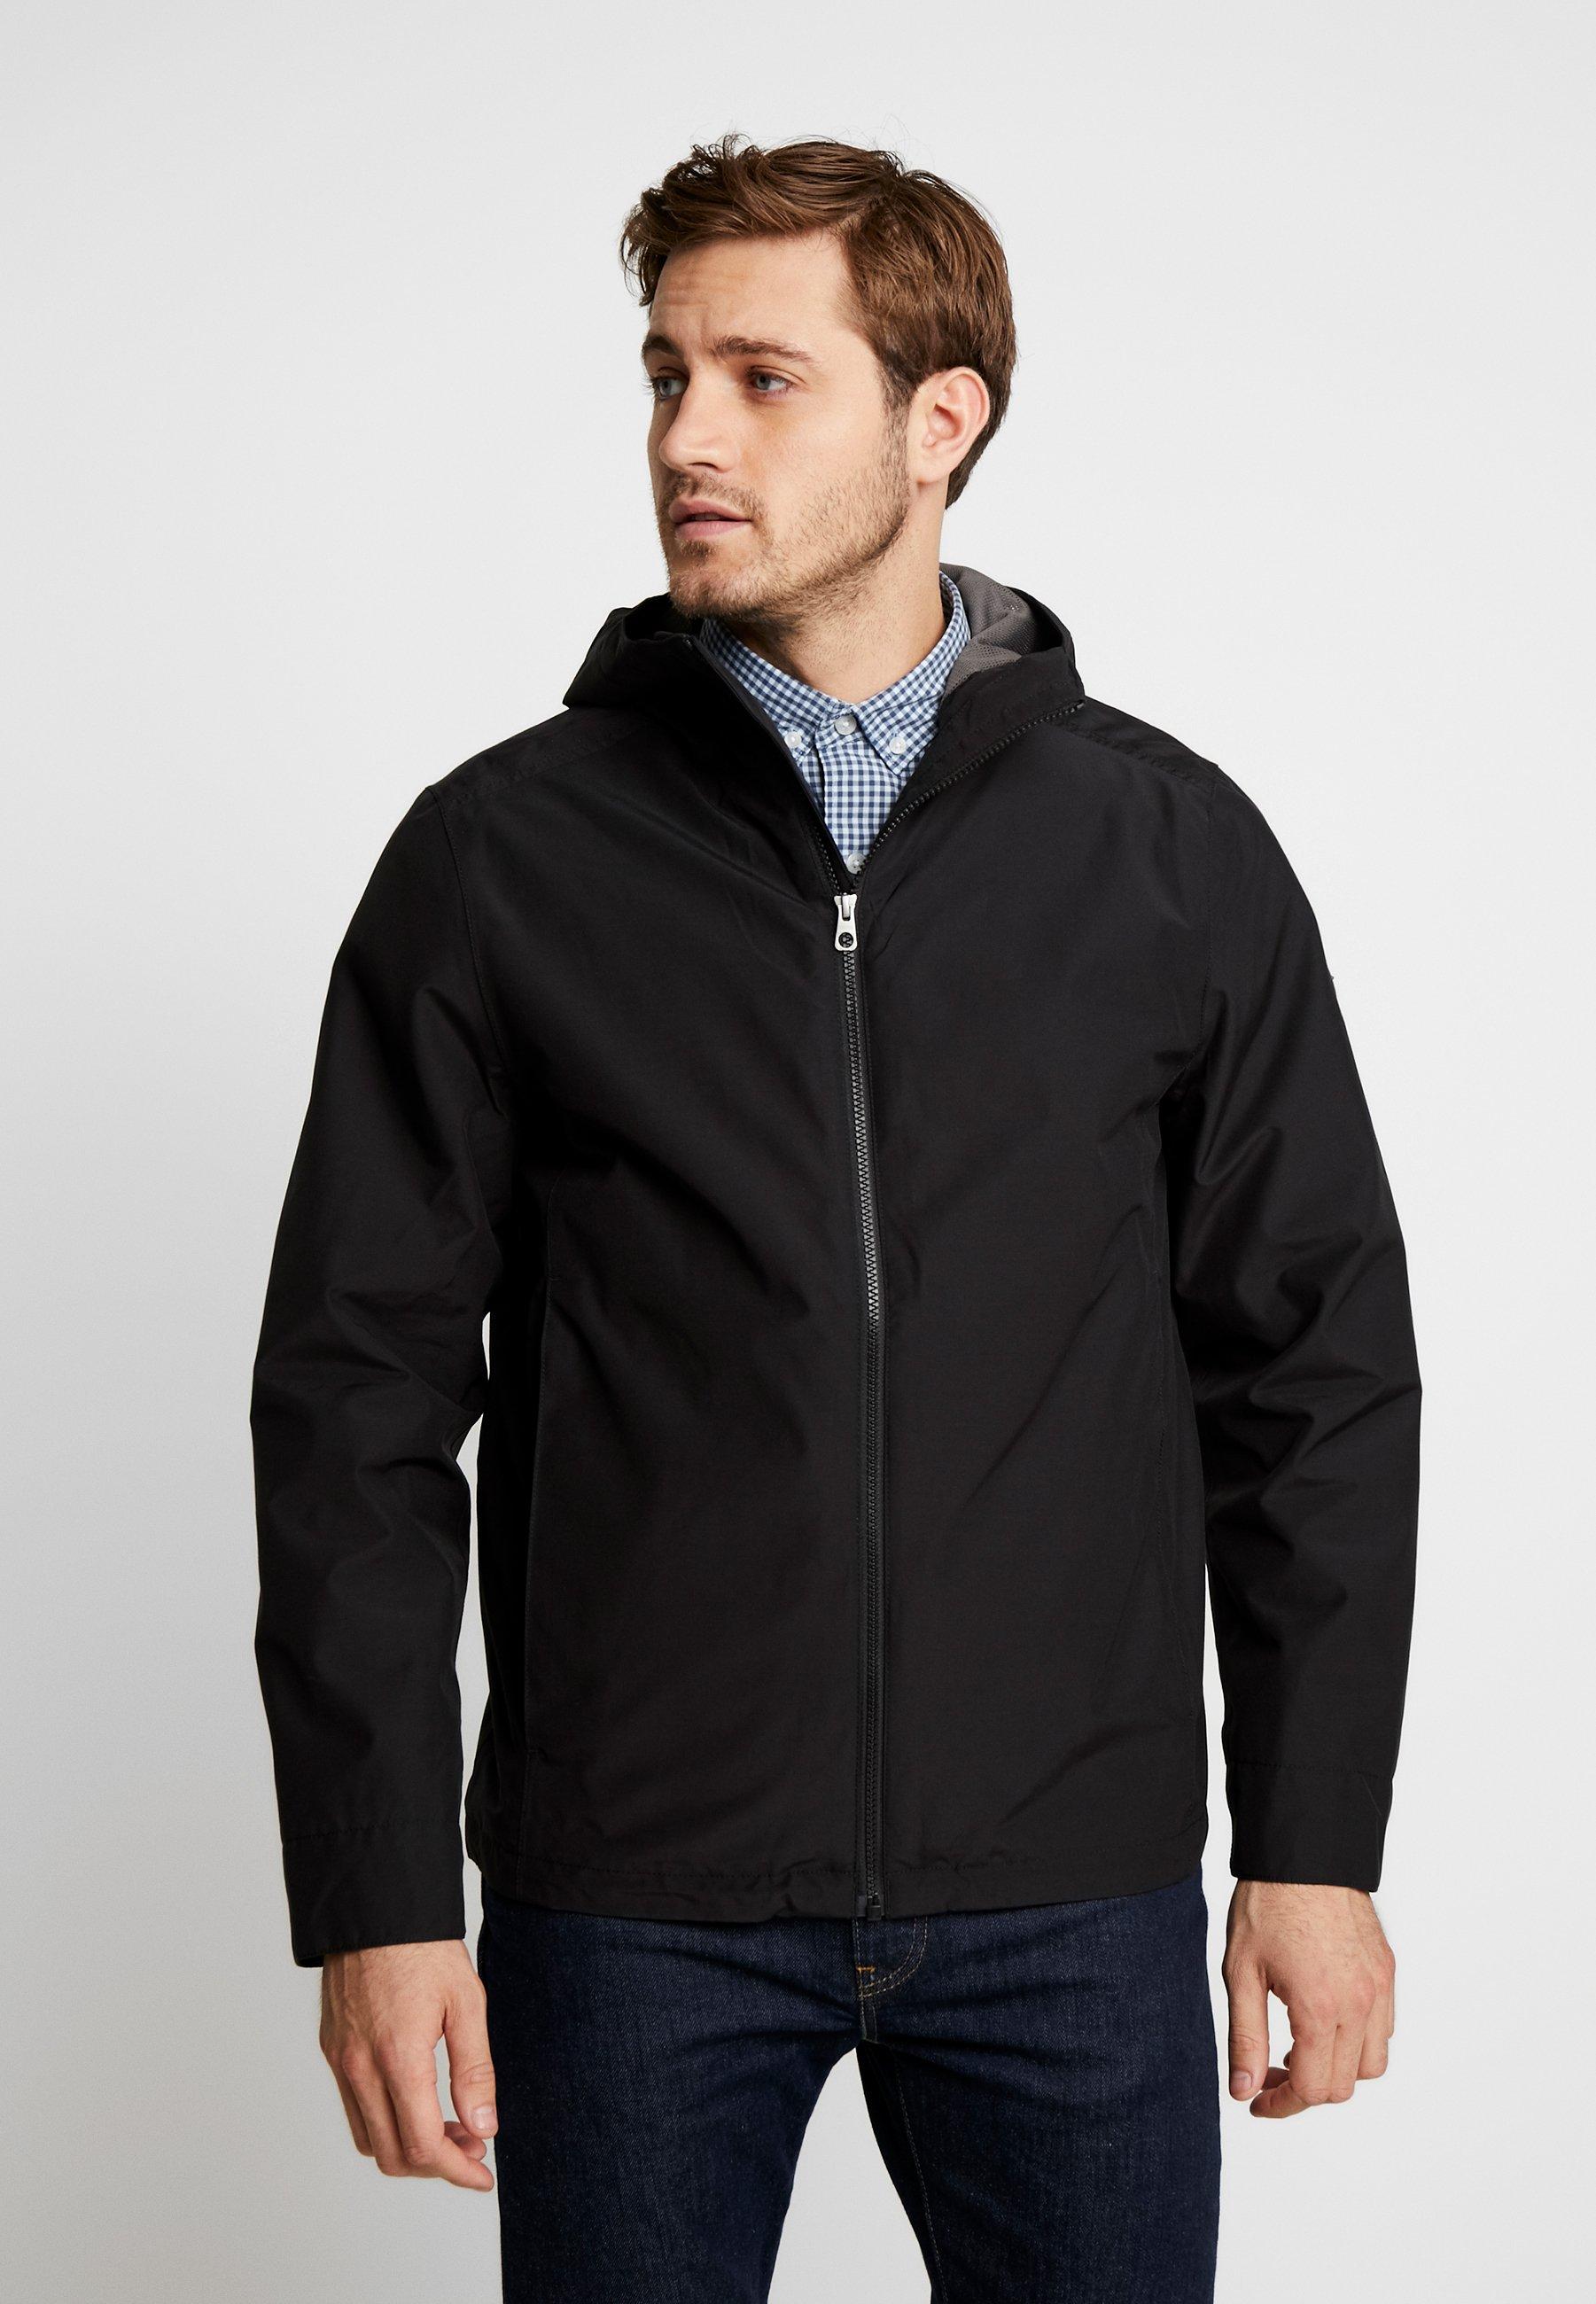 RAGGED MOUNTAIN PACKABLE Regenjacke wasserabweisende Jacke black